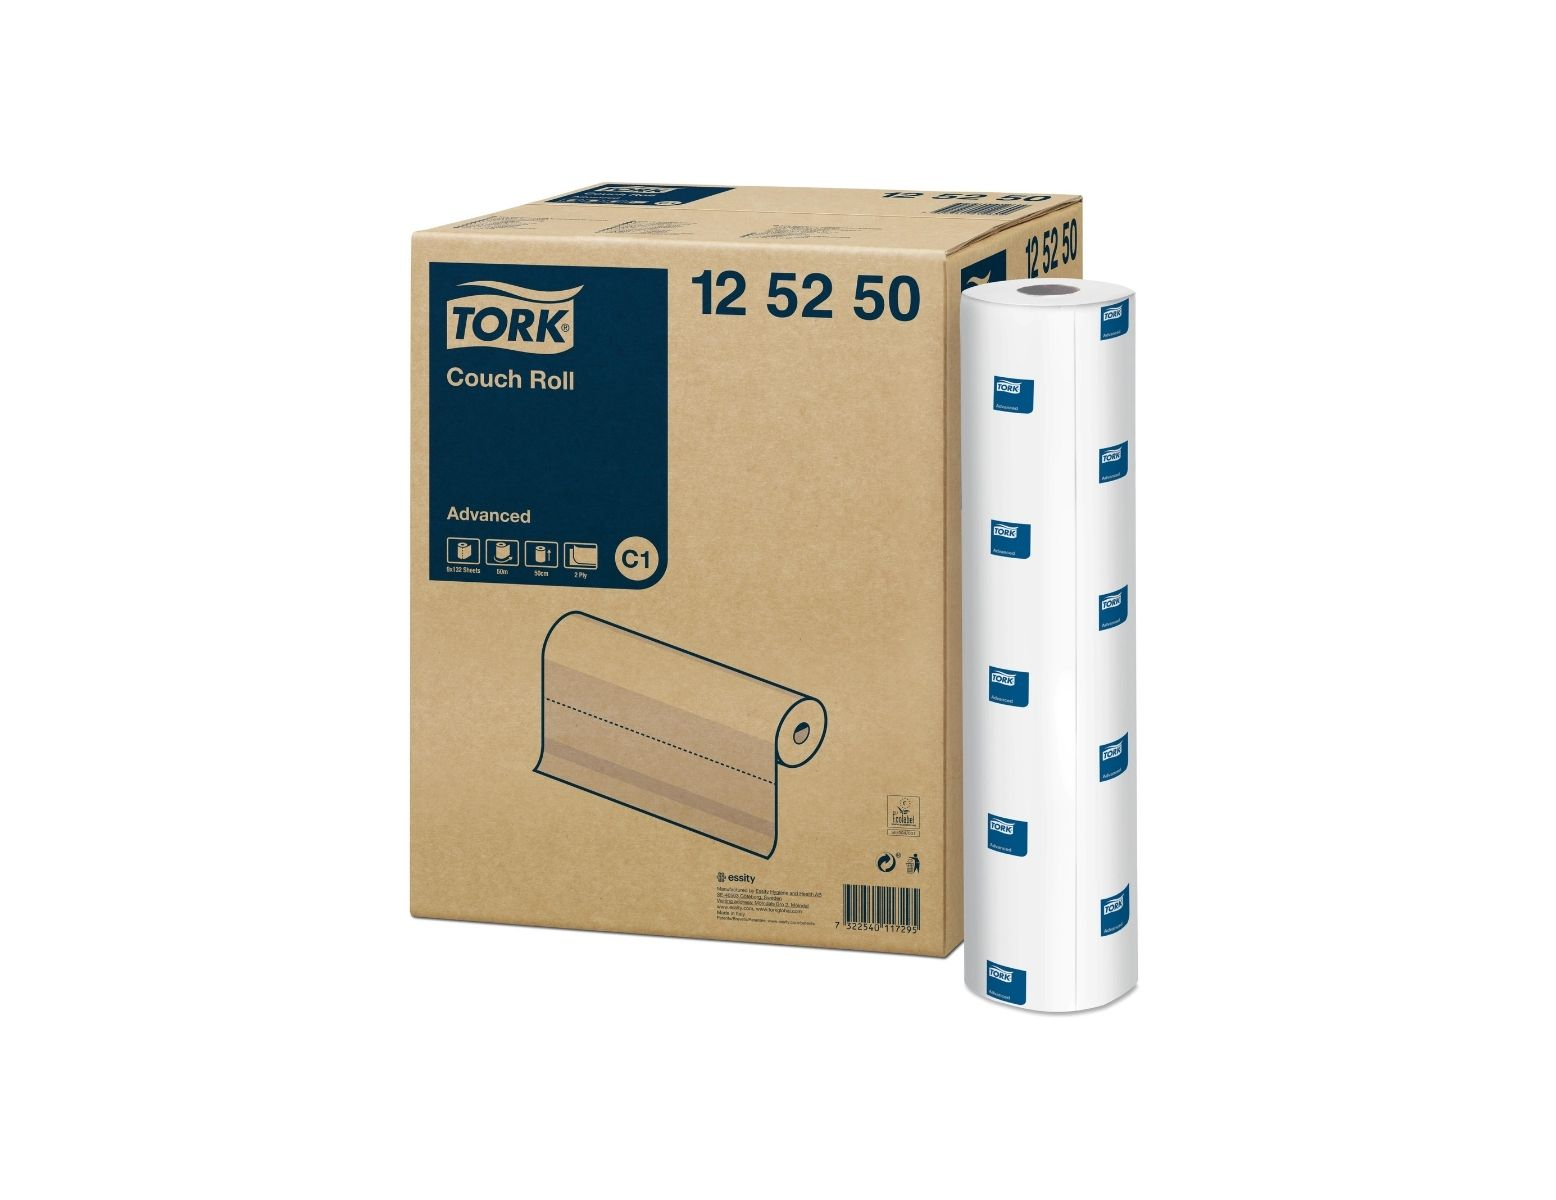 Onderzoekstafel papierrollen Tork / massagetafel - rol 50 cm x 50 m (9 st)